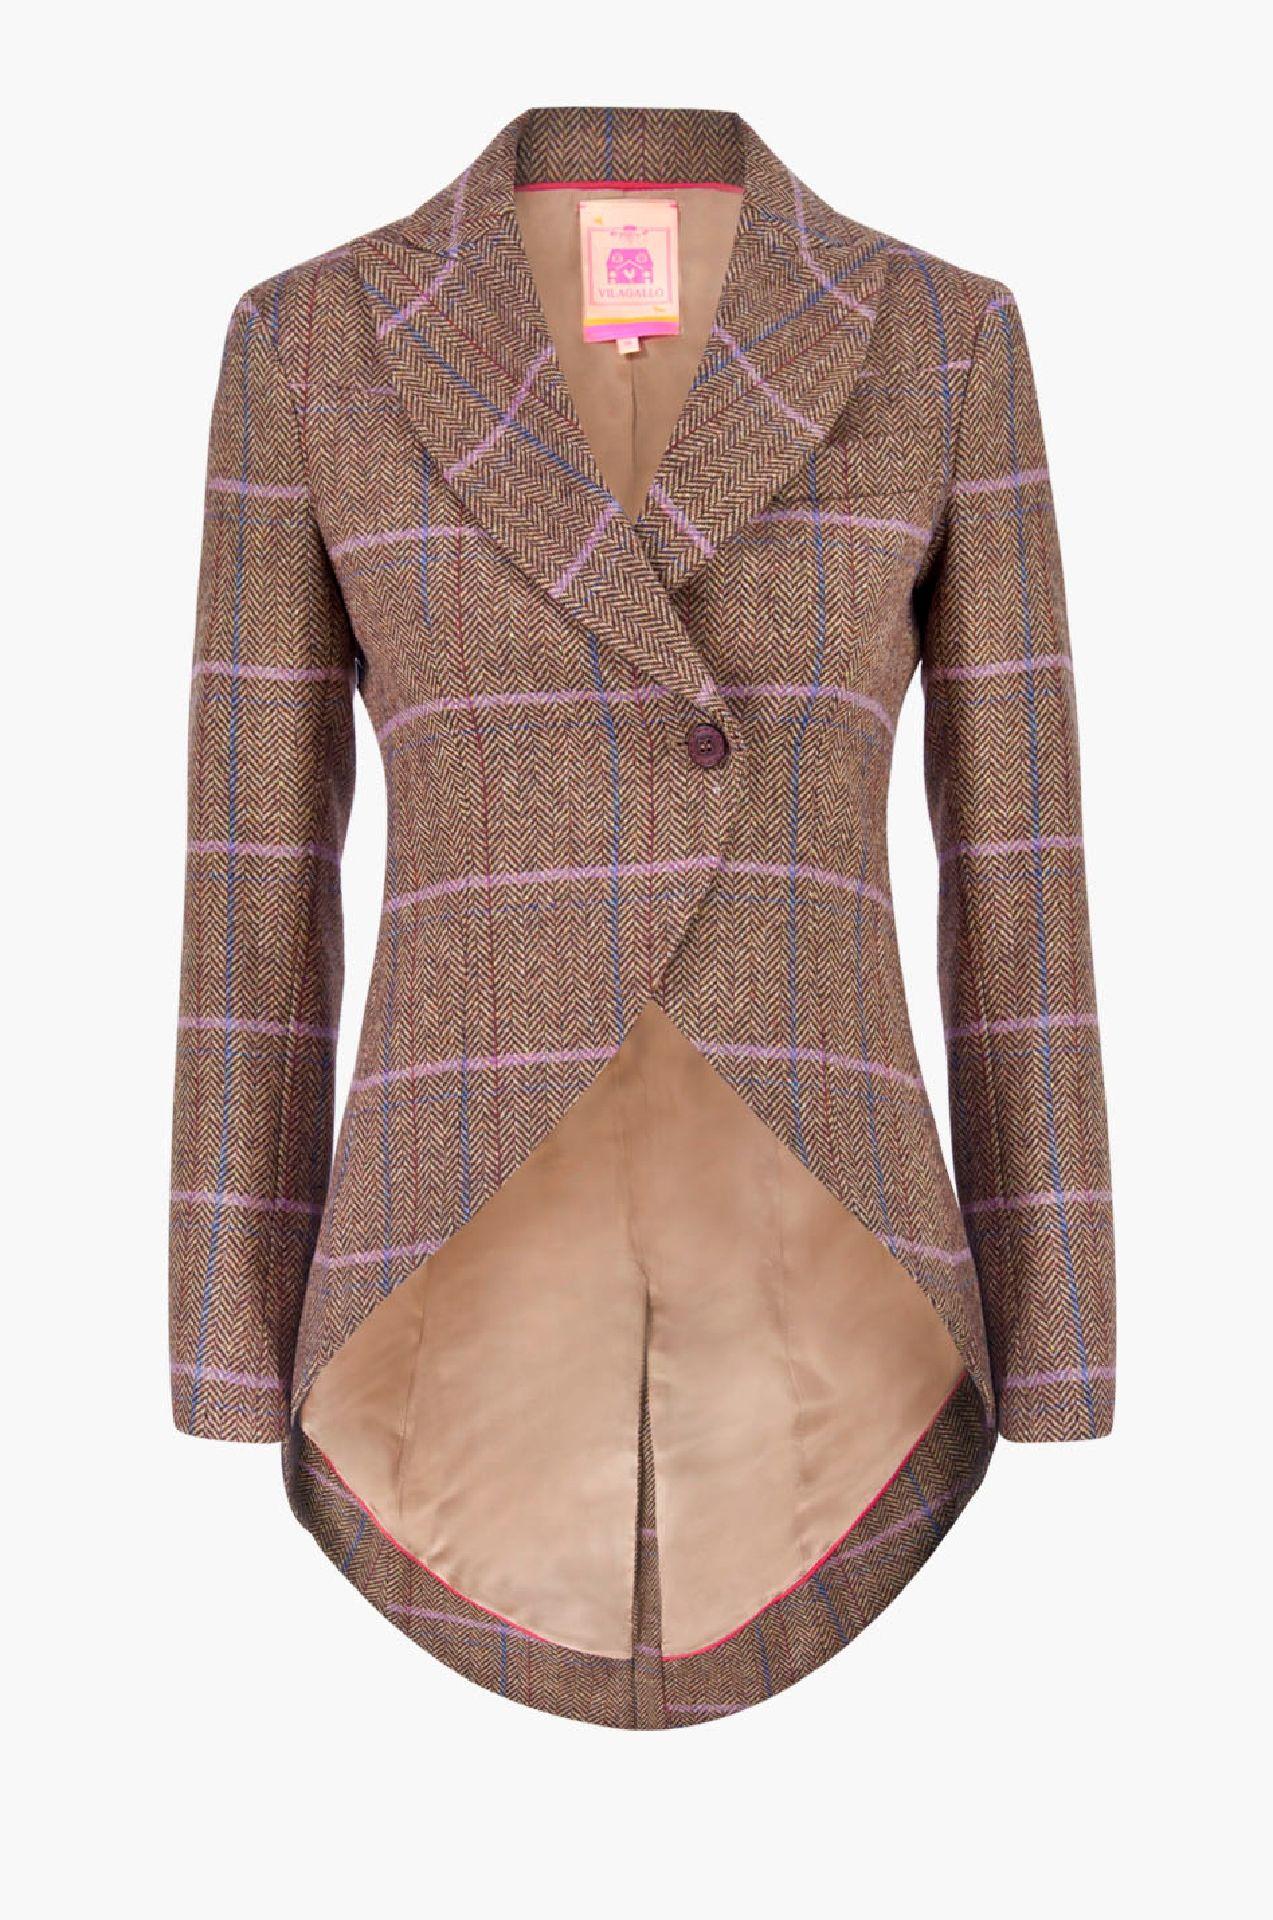 Tweed Corte Y Chaque Duke Pinterest Confección More Bristol wxOAEI7qp